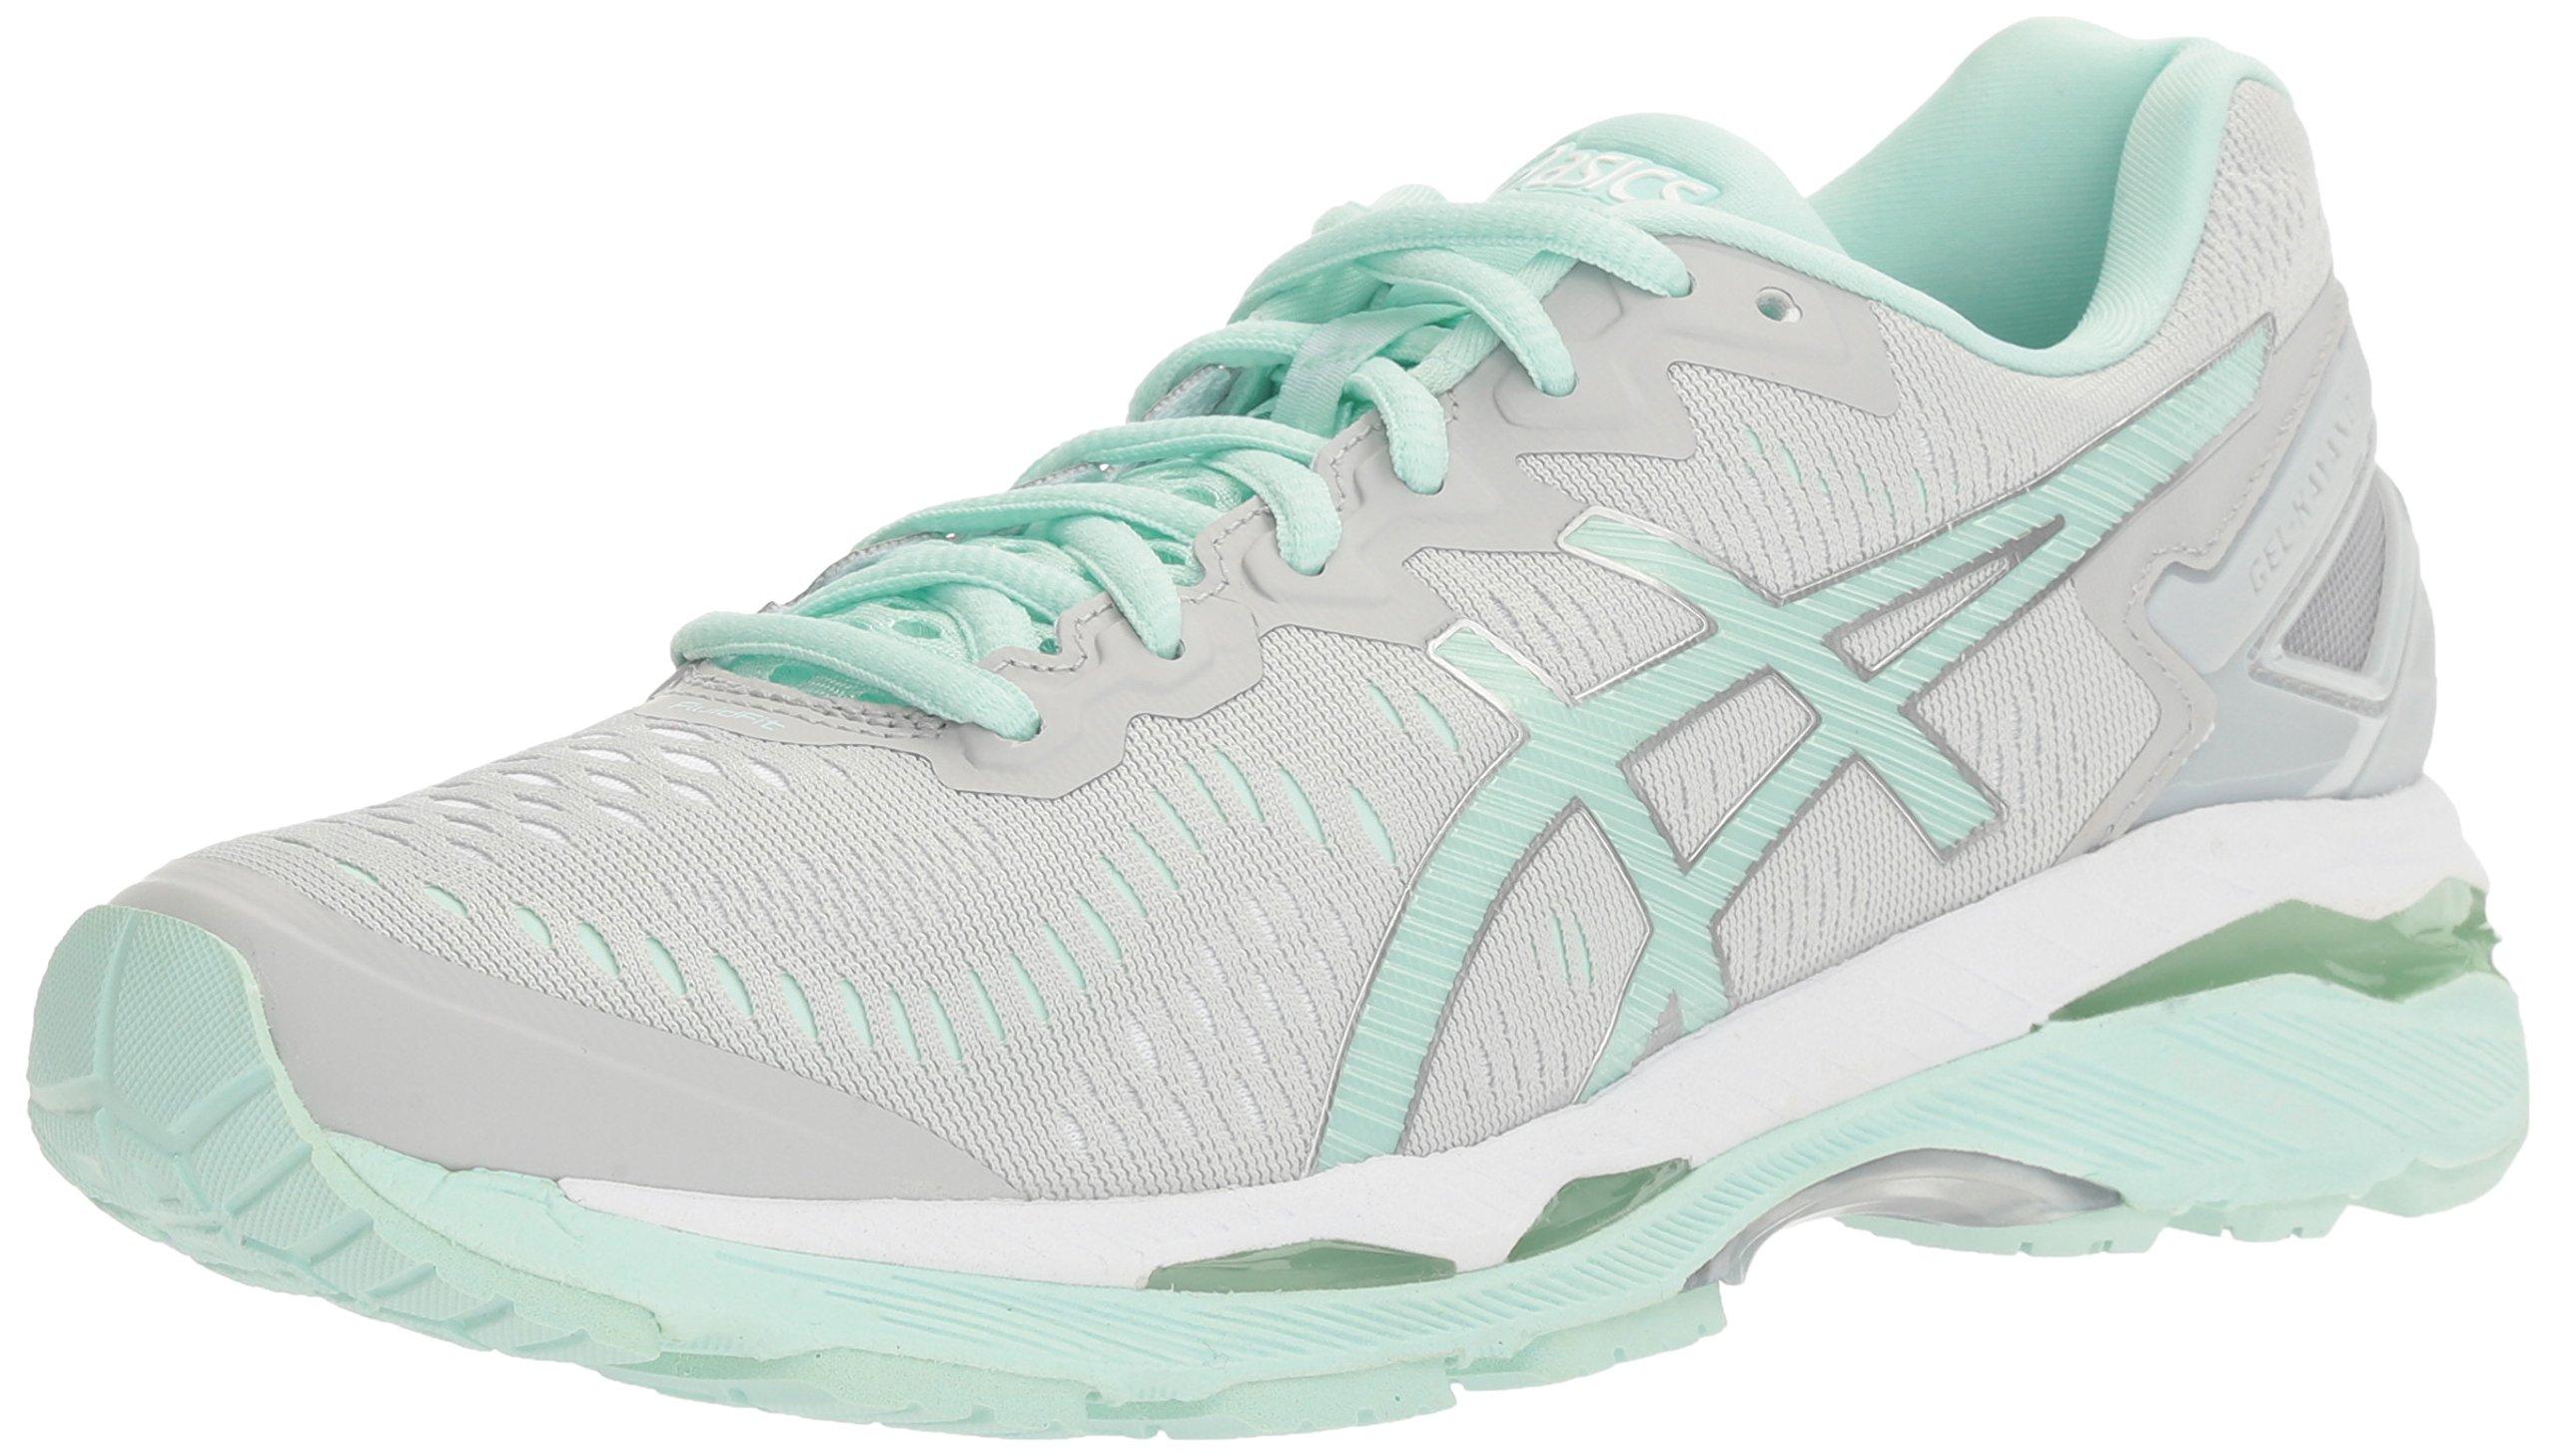 ASICS Women's Gel-Kayano 23 Running Shoe, Glacier Gray/Bay/White, 8.5 M US